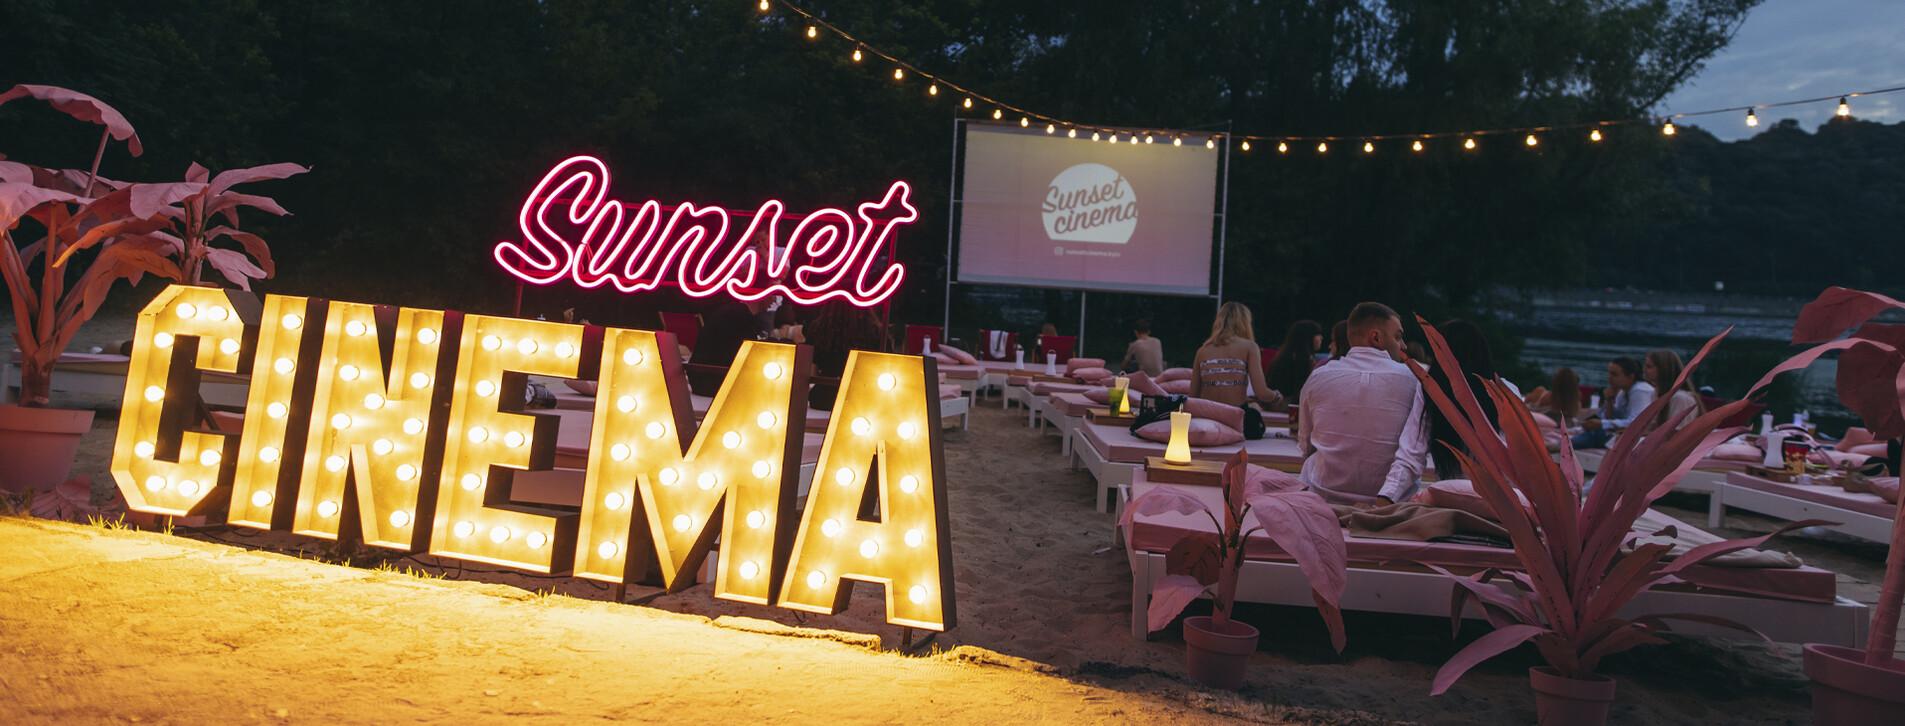 Фото 1 - Кинотеатр на пляже для компании